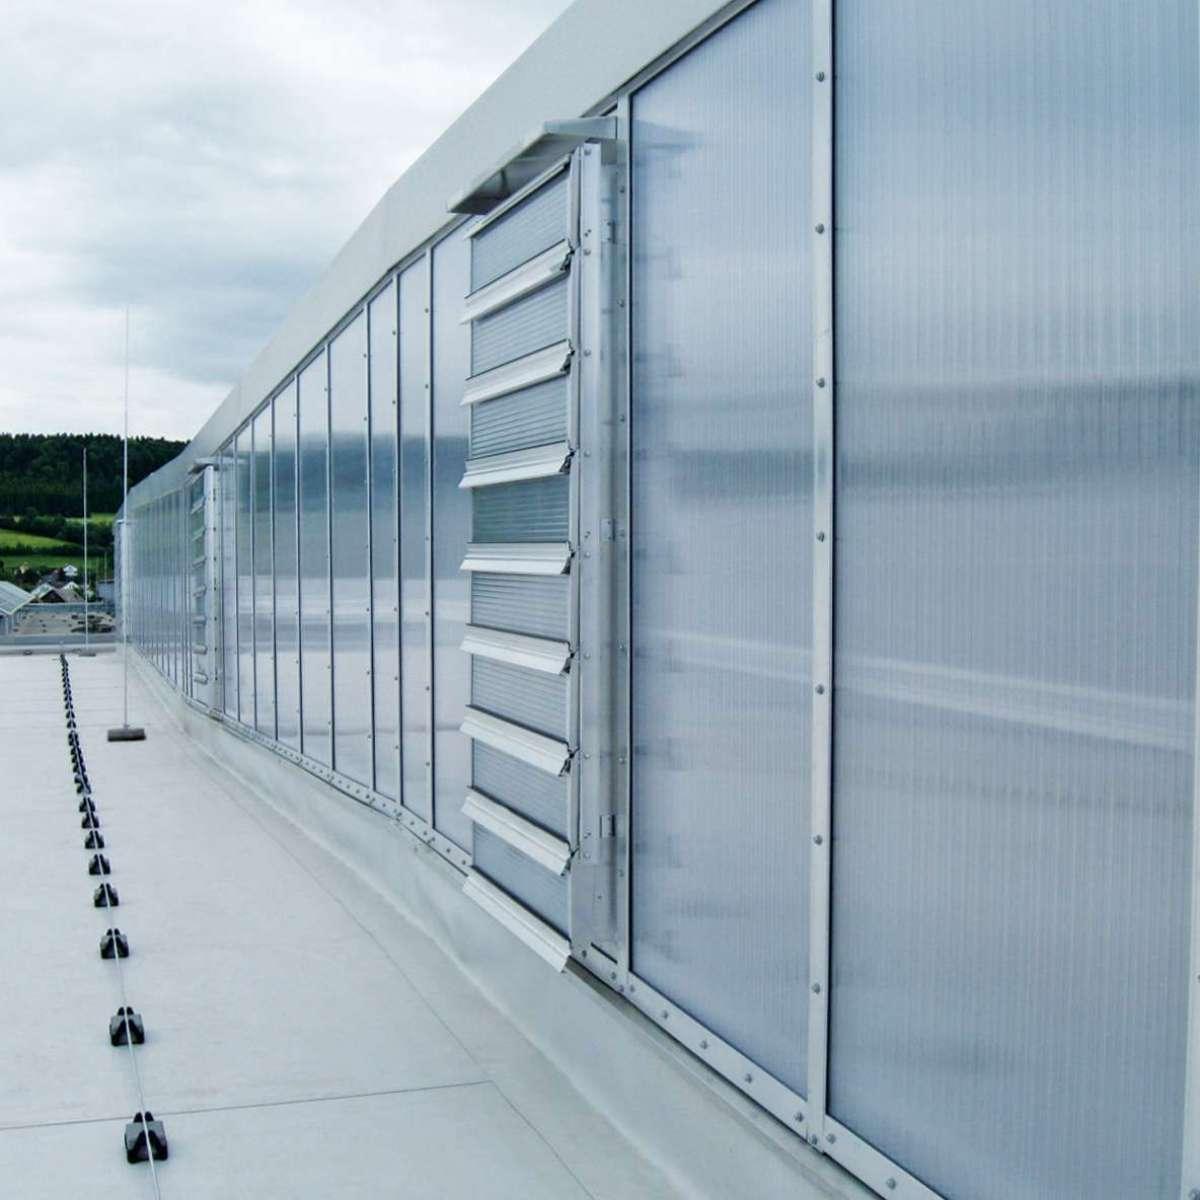 J. Schmalz GmbH  | Glatten • Tageslichtkonzept über Nordlichtsheds mit höchsten Wärmedämmeigenschaften der Verglasung für Passivhausstandard.